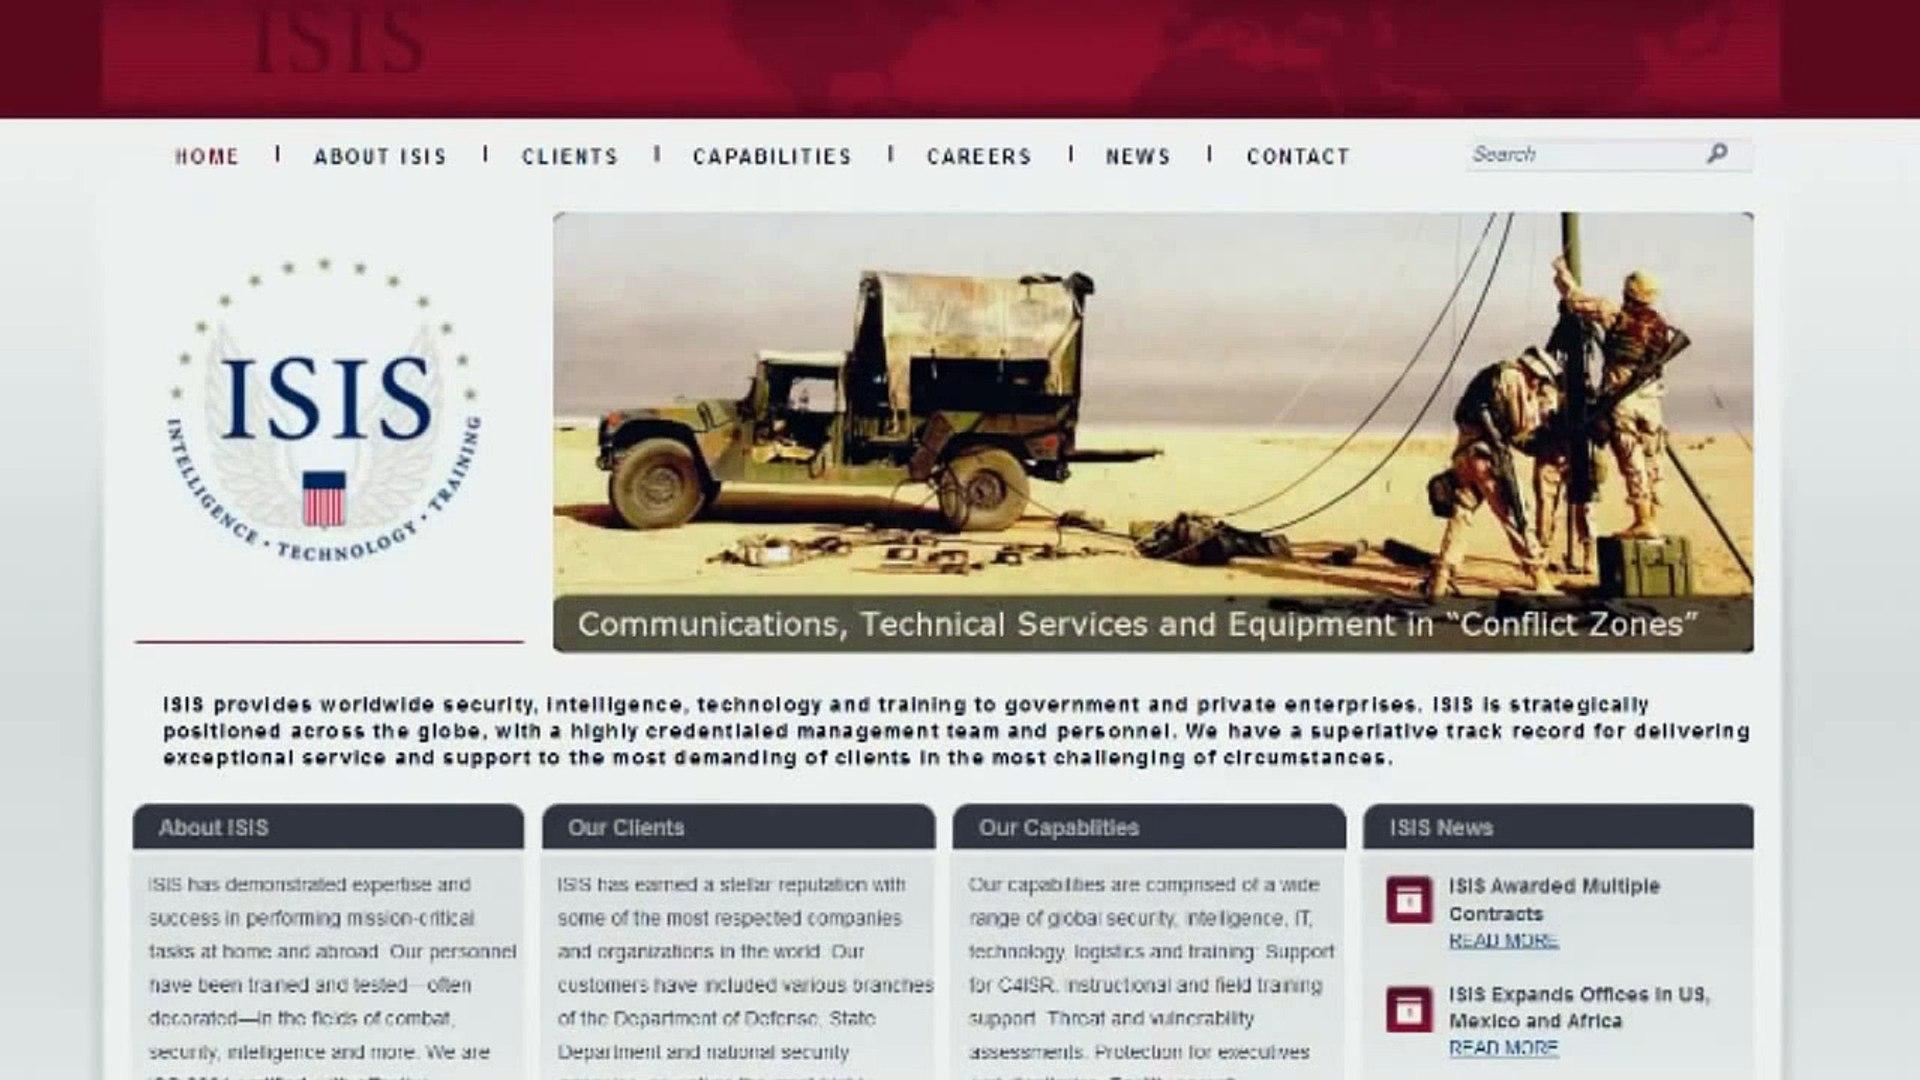 Vladimir Putin Illuminati Truth about ISIS, Ukraine, WW3 Illuminati Documentary